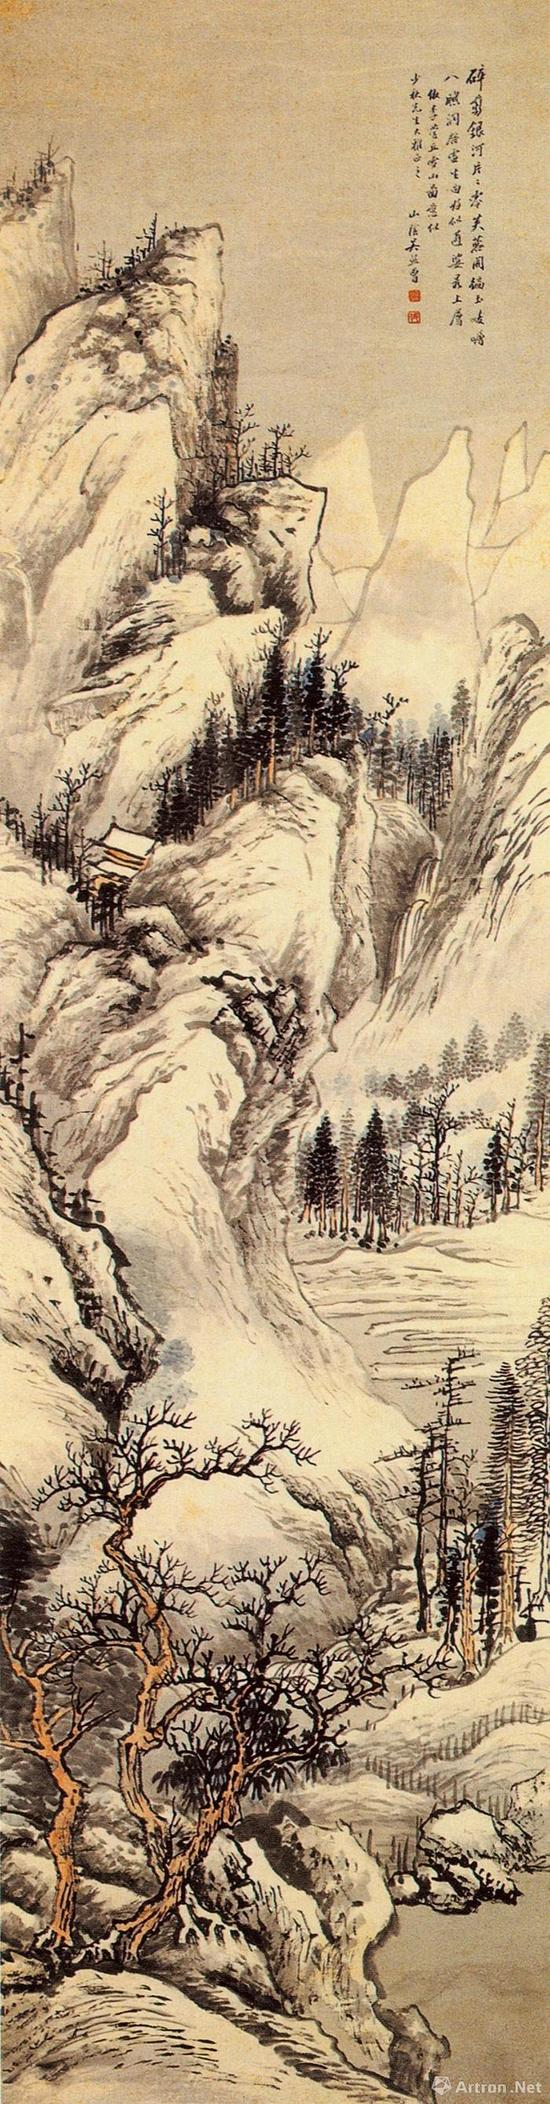 《仿李营丘雪山图》轴